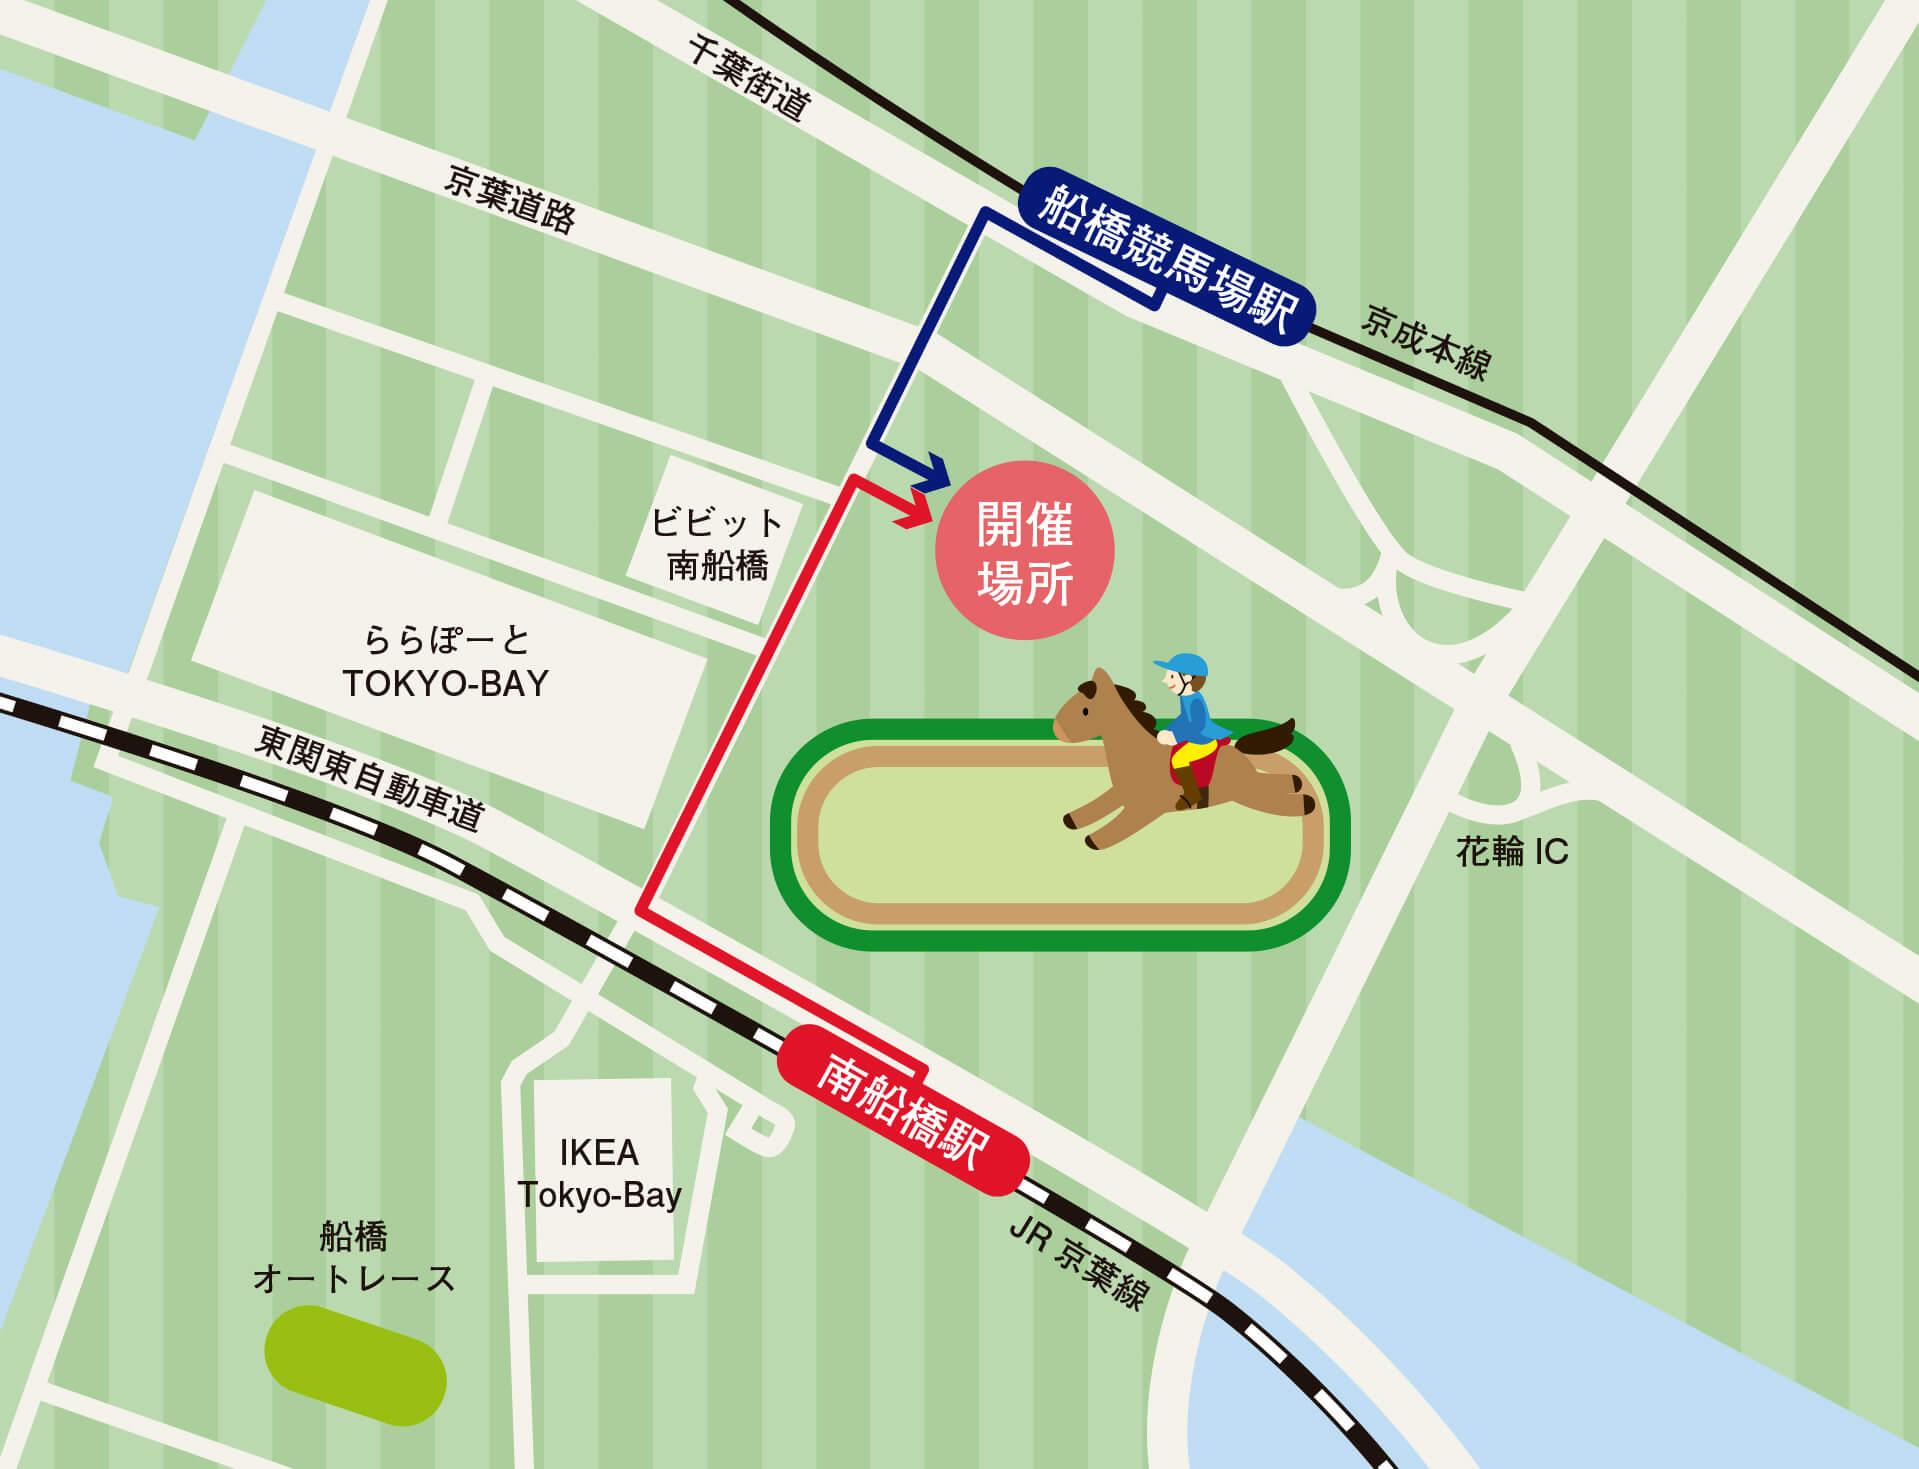 船橋競馬場フリーマーケットのアクセスマップ